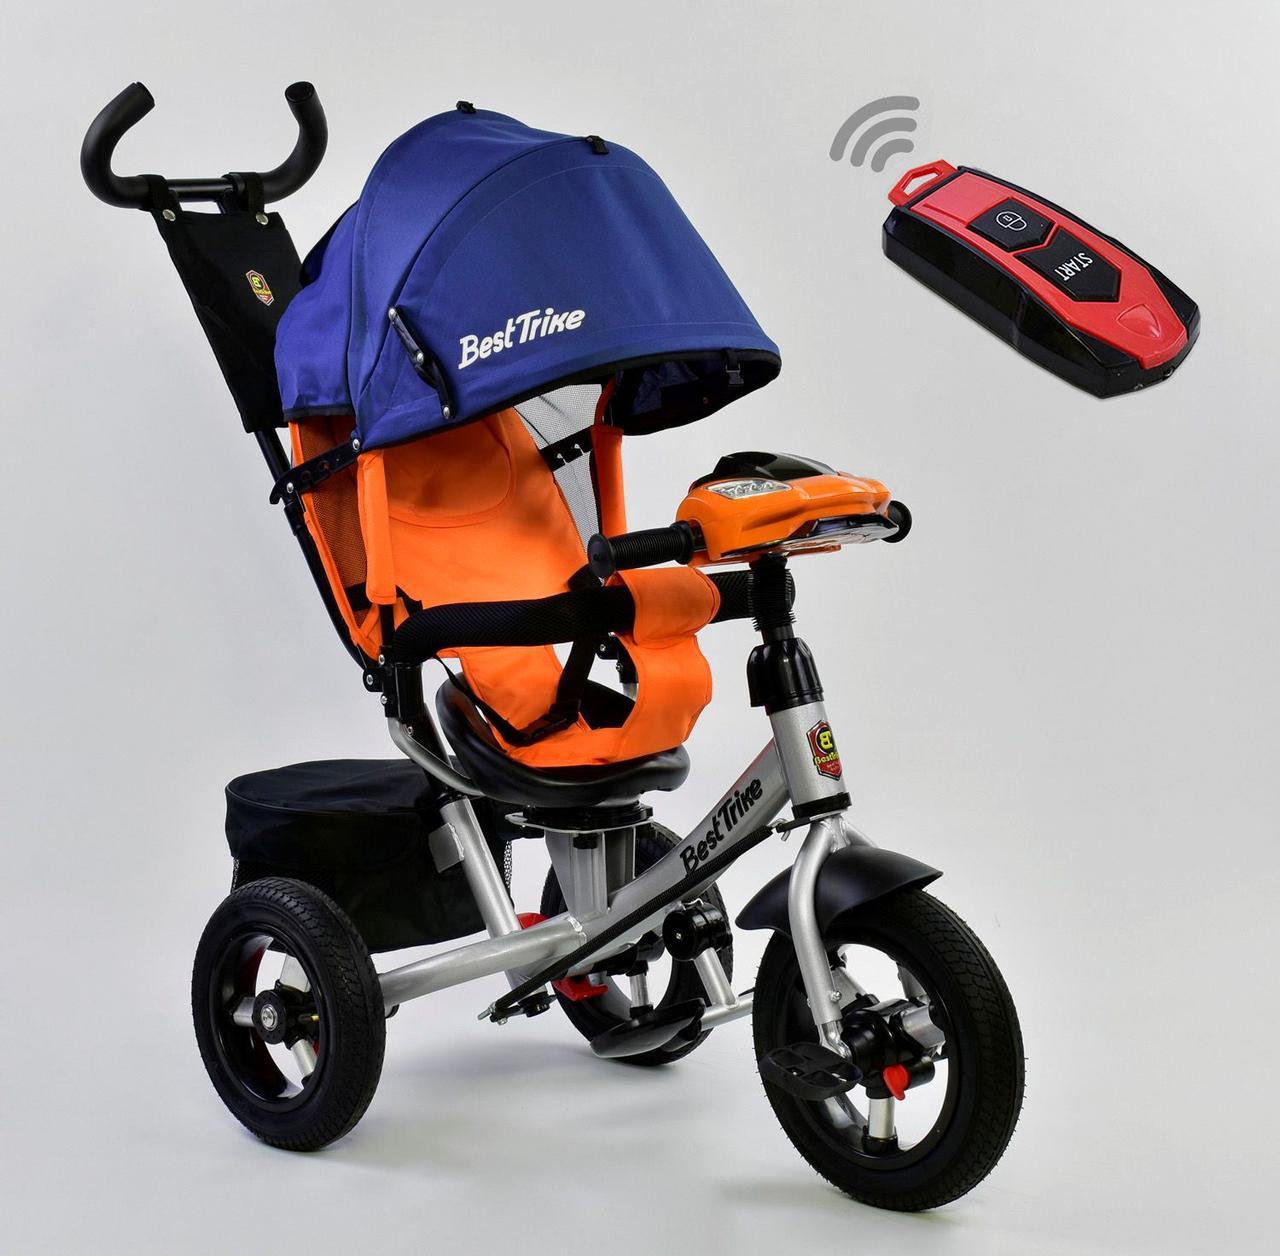 Bелосипед трехколесный Best Trike 7700 В - 1280 с надувными колесами Синий 75101